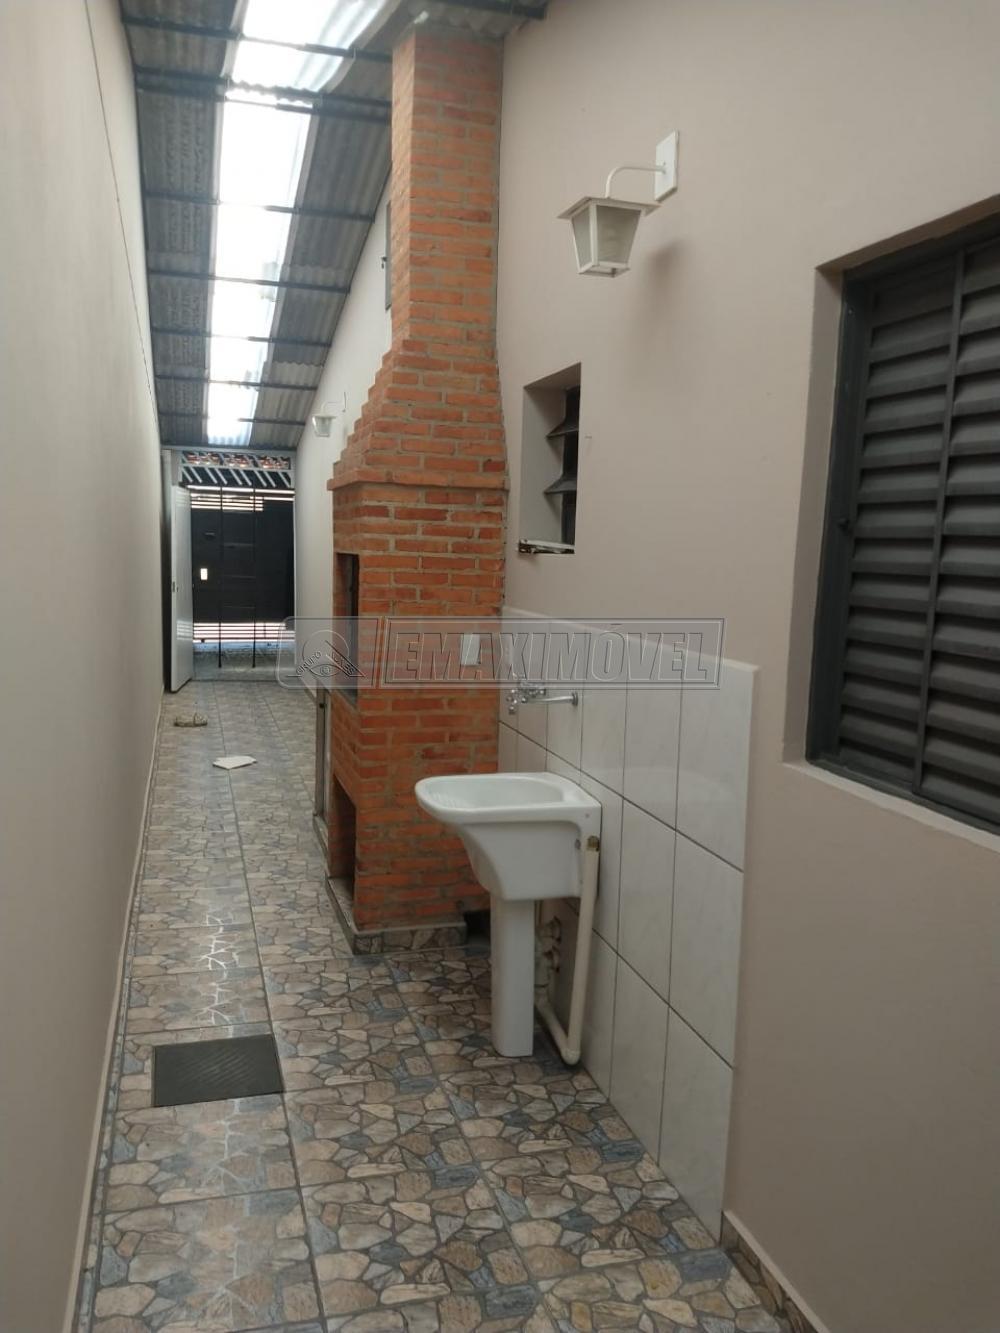 Comprar Casas / em Bairros em Sorocaba apenas R$ 179.500,00 - Foto 15